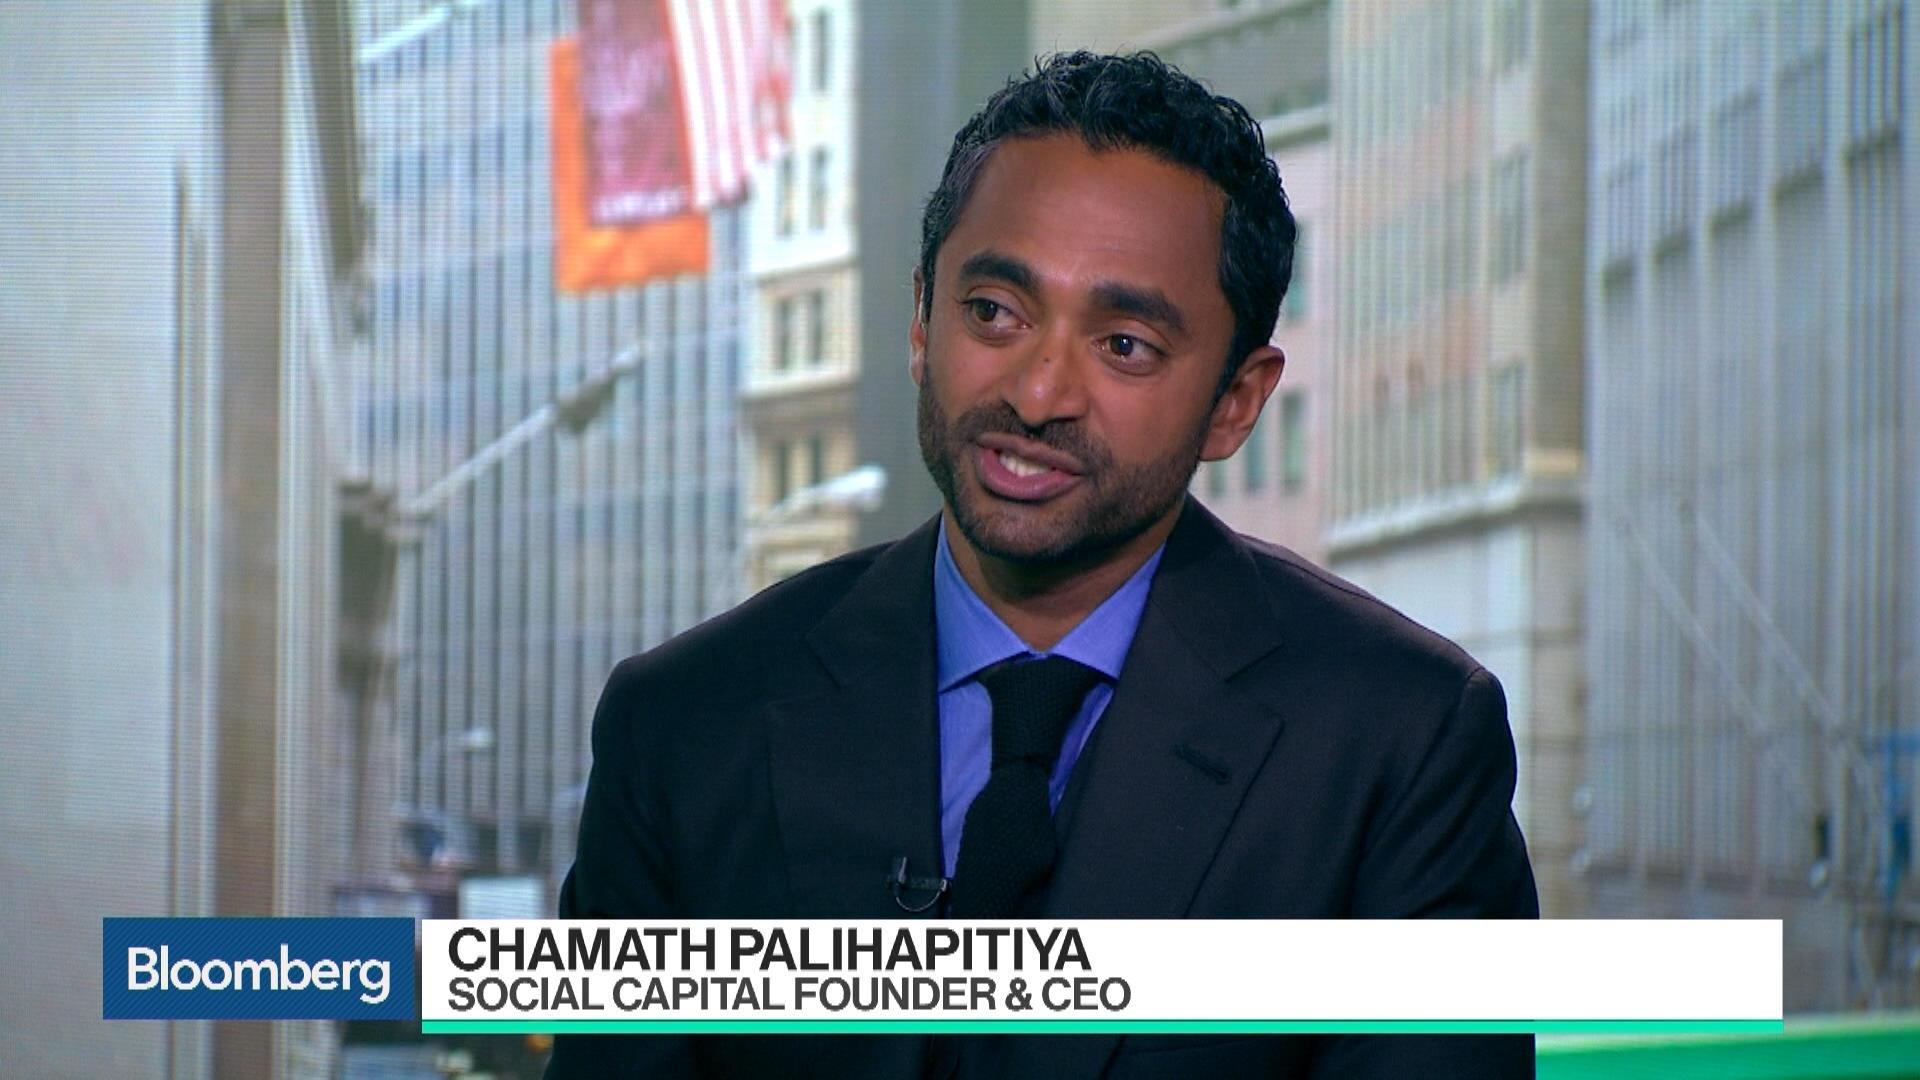 Chamath Palihapitiya - @chamath (Twitter)